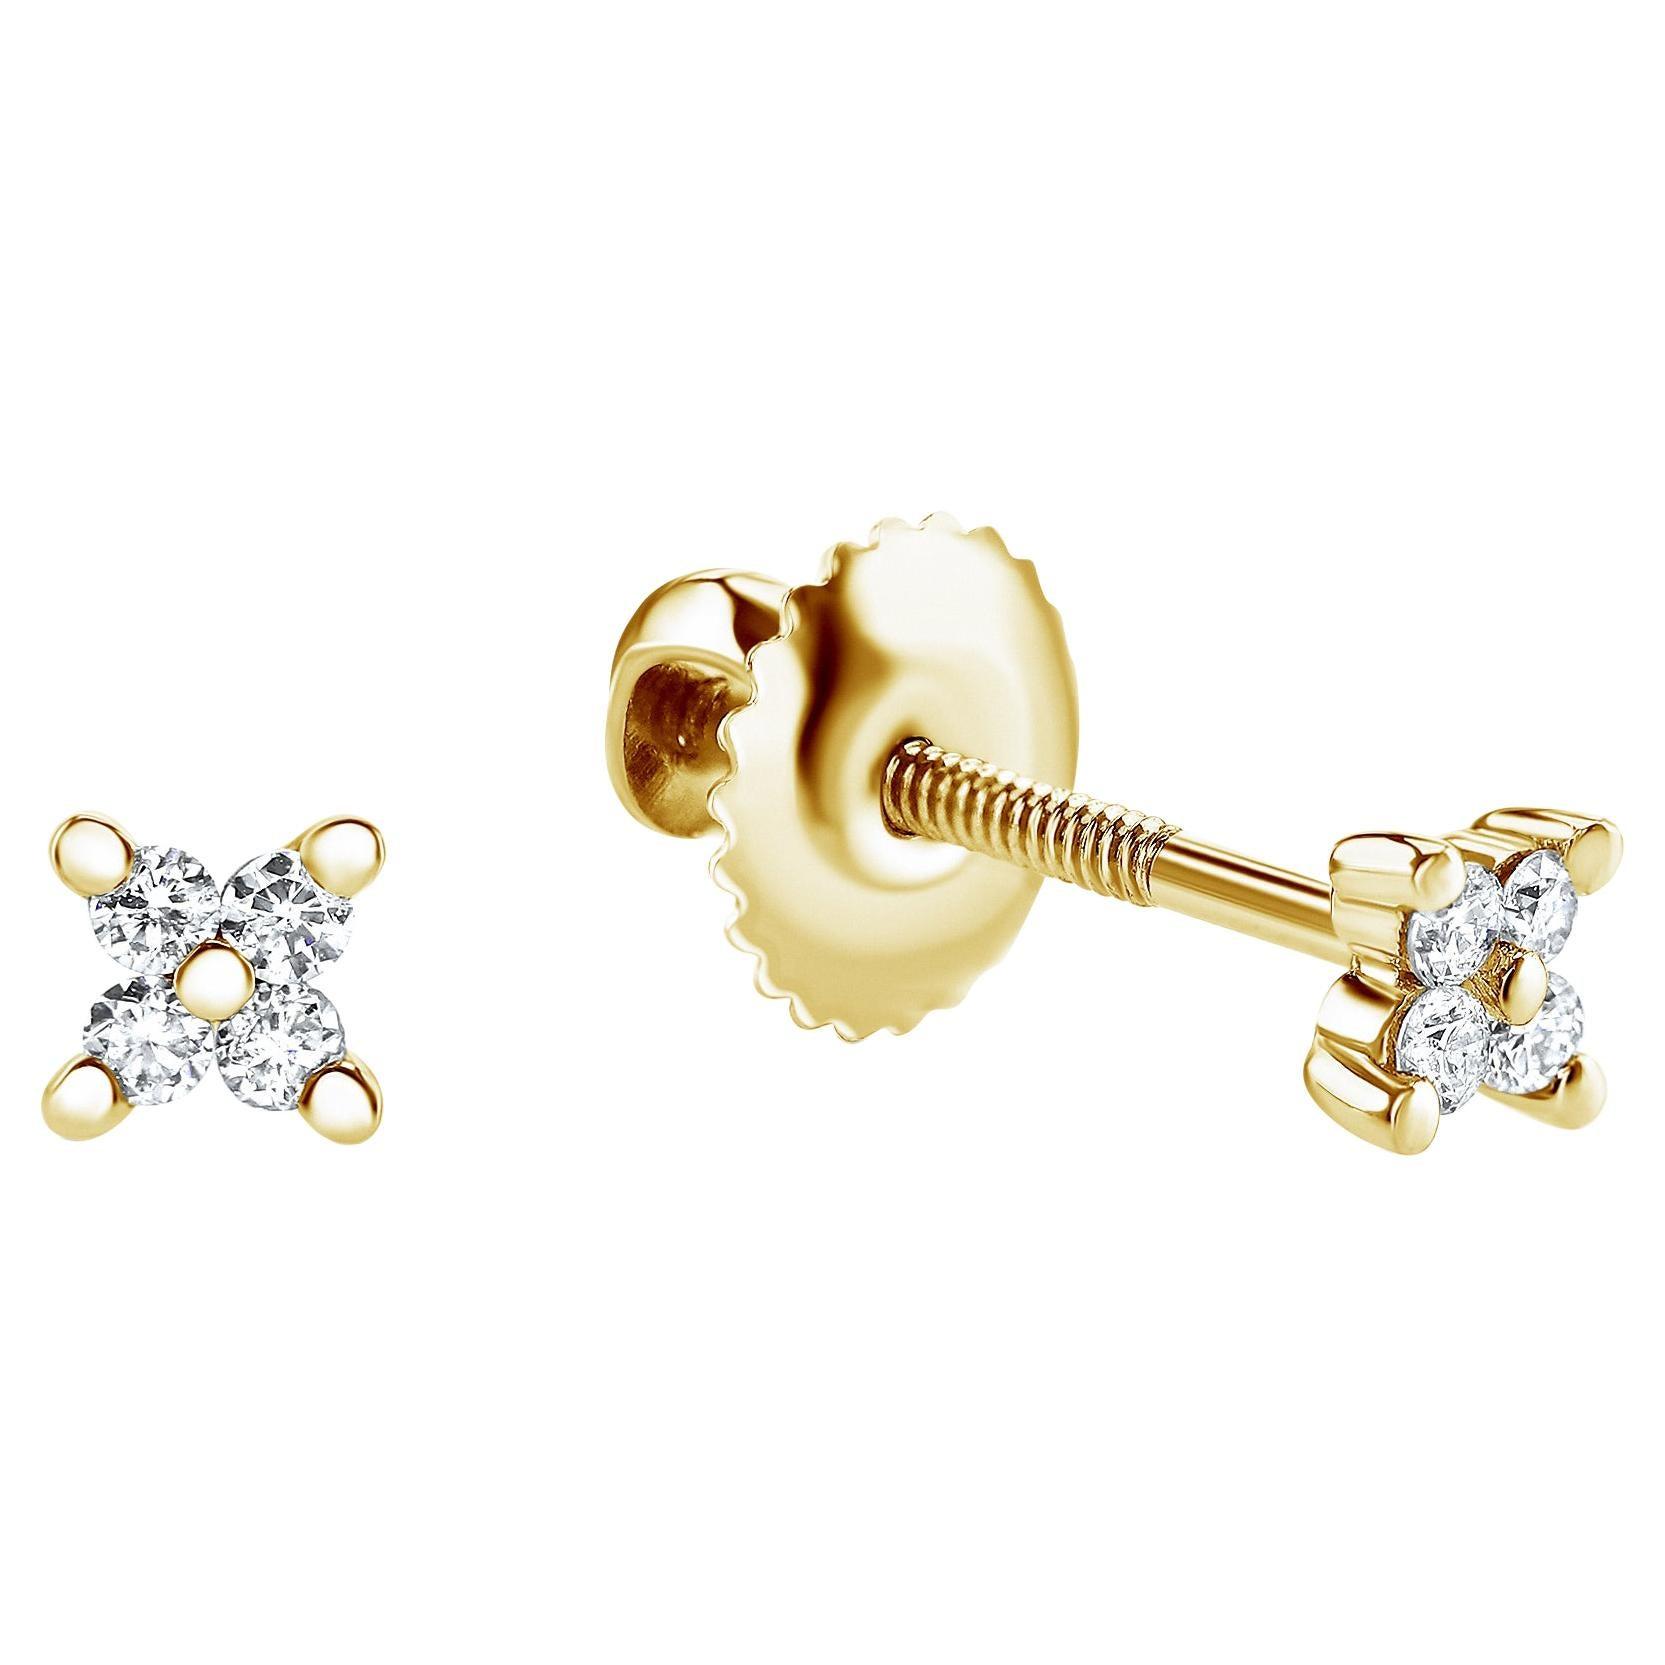 0.08 Carat Diamond Mini X Shape Stud Earrings in 14K Yellow Gold - Shlomit Rogel